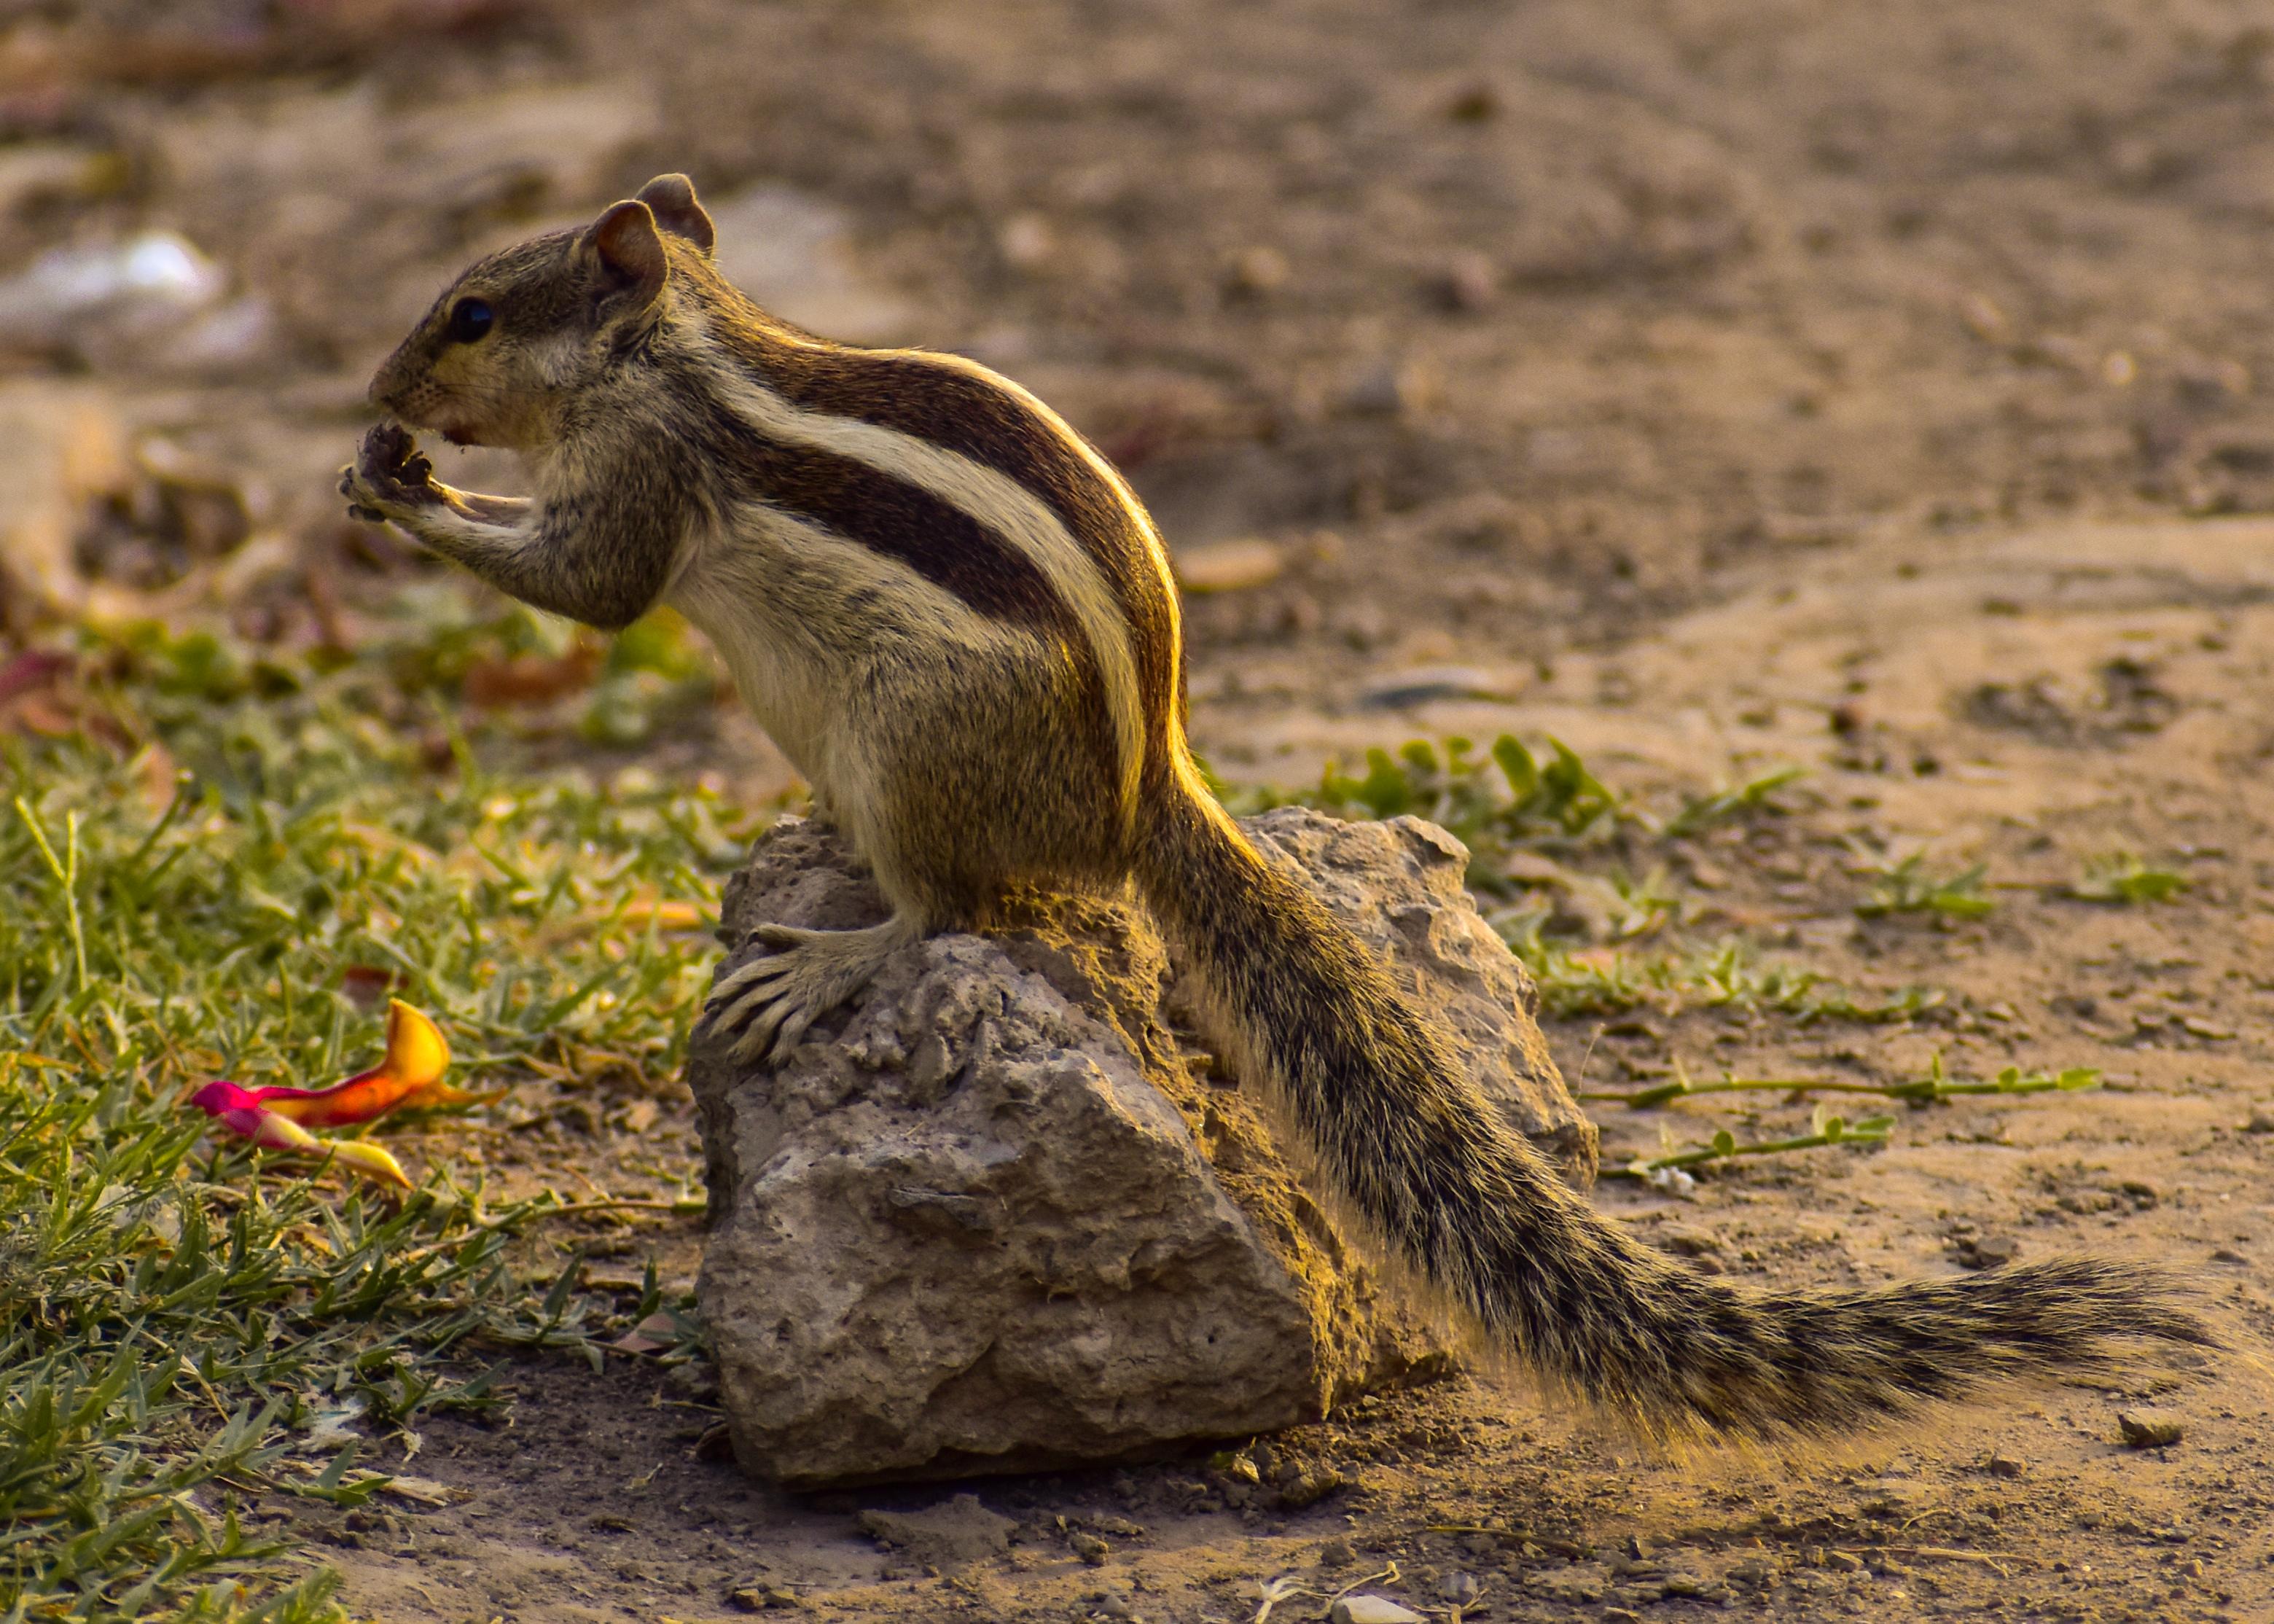 A grey squirrel on a rock